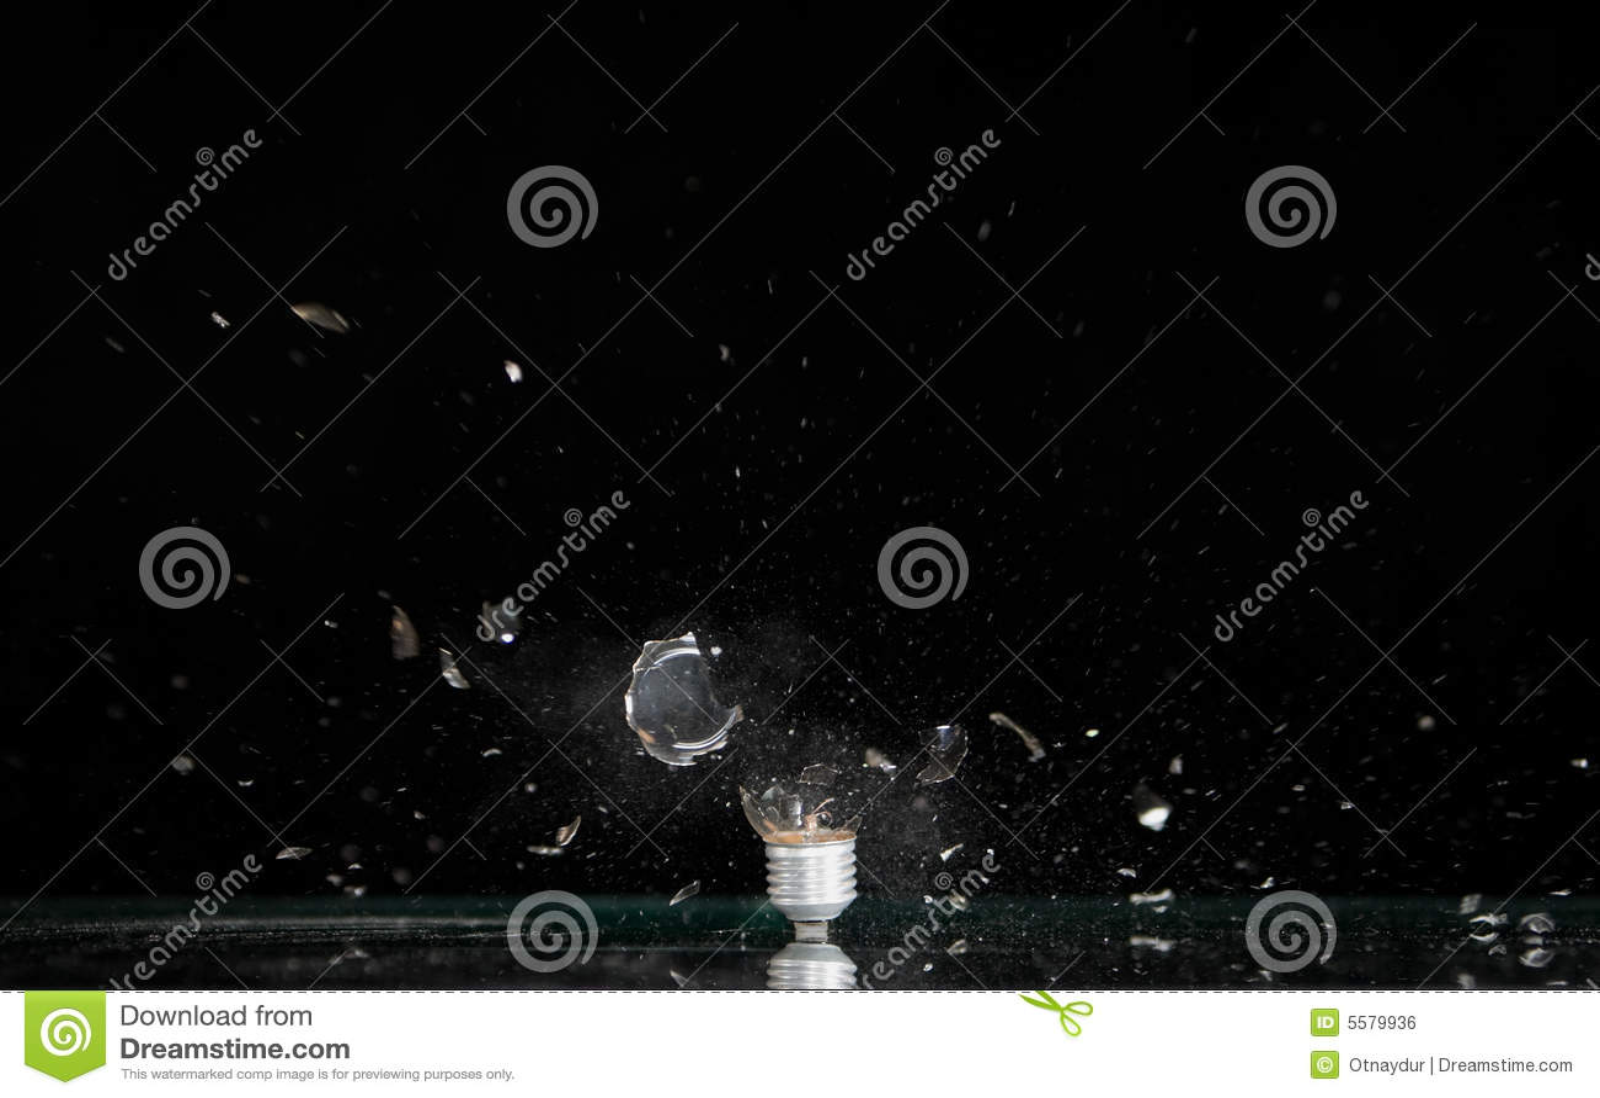 Explodierender Lampenfühler